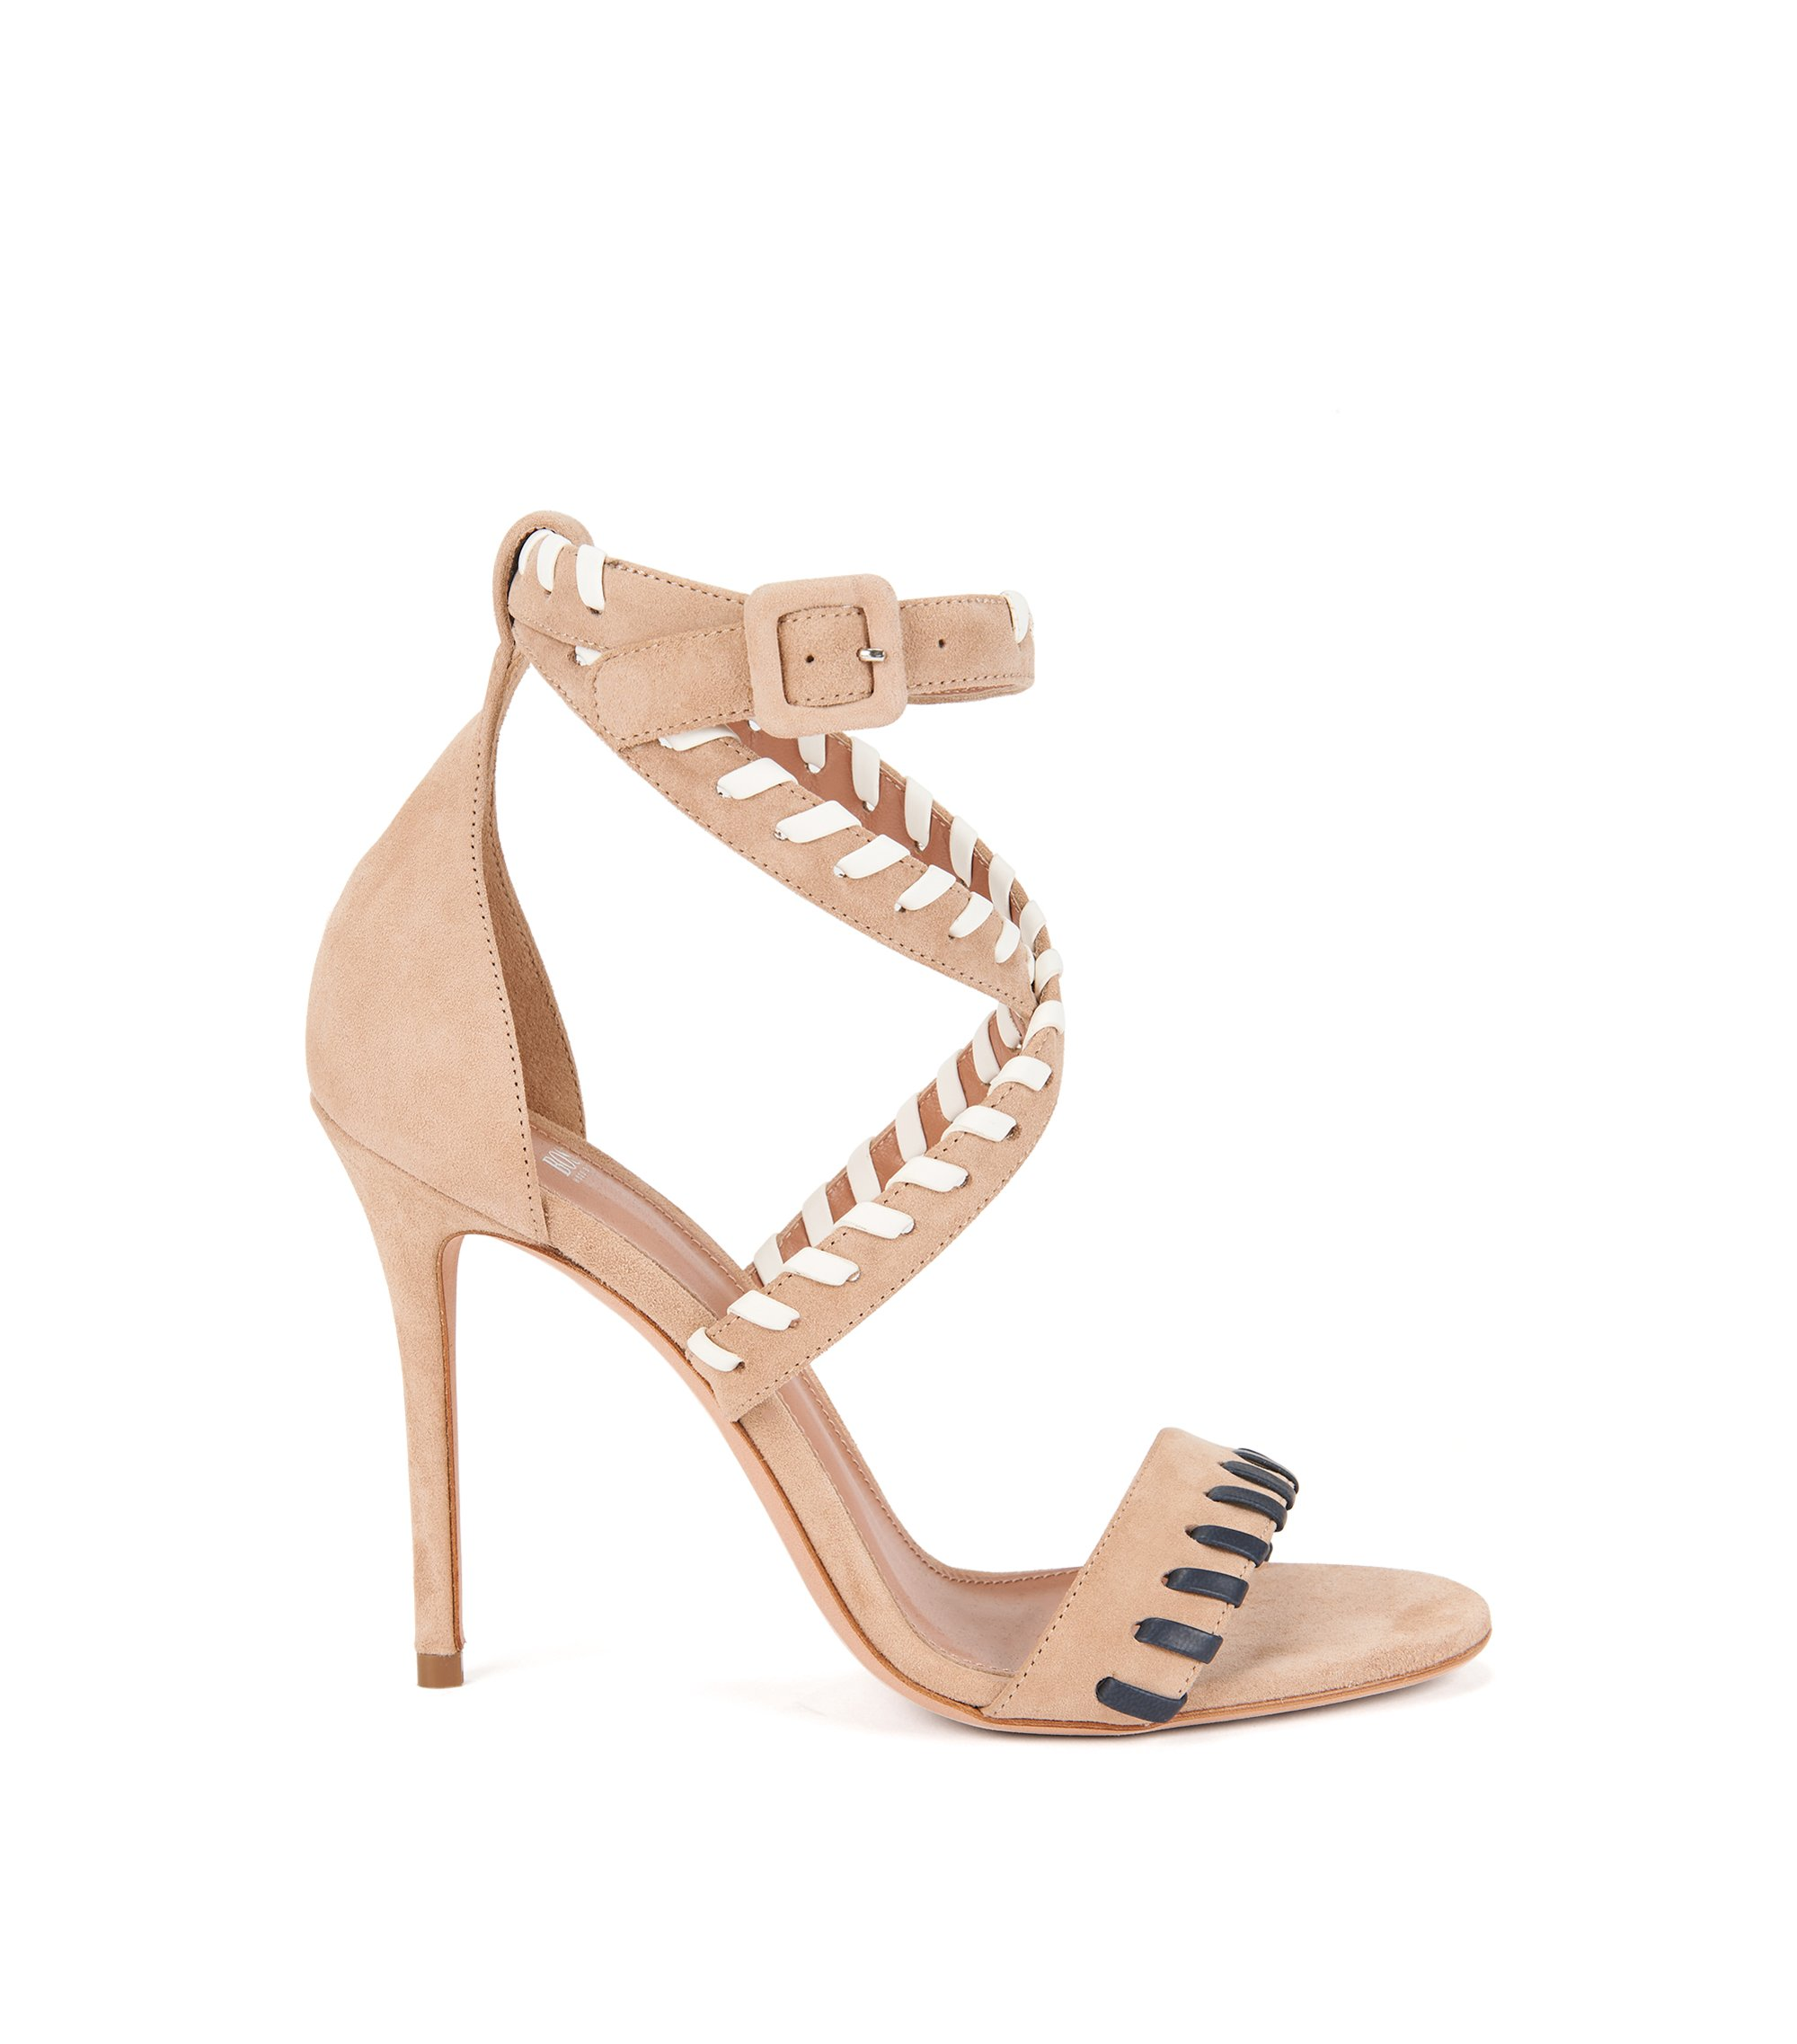 Sandales en daim avec détail en cuir en point roulé , Beige clair